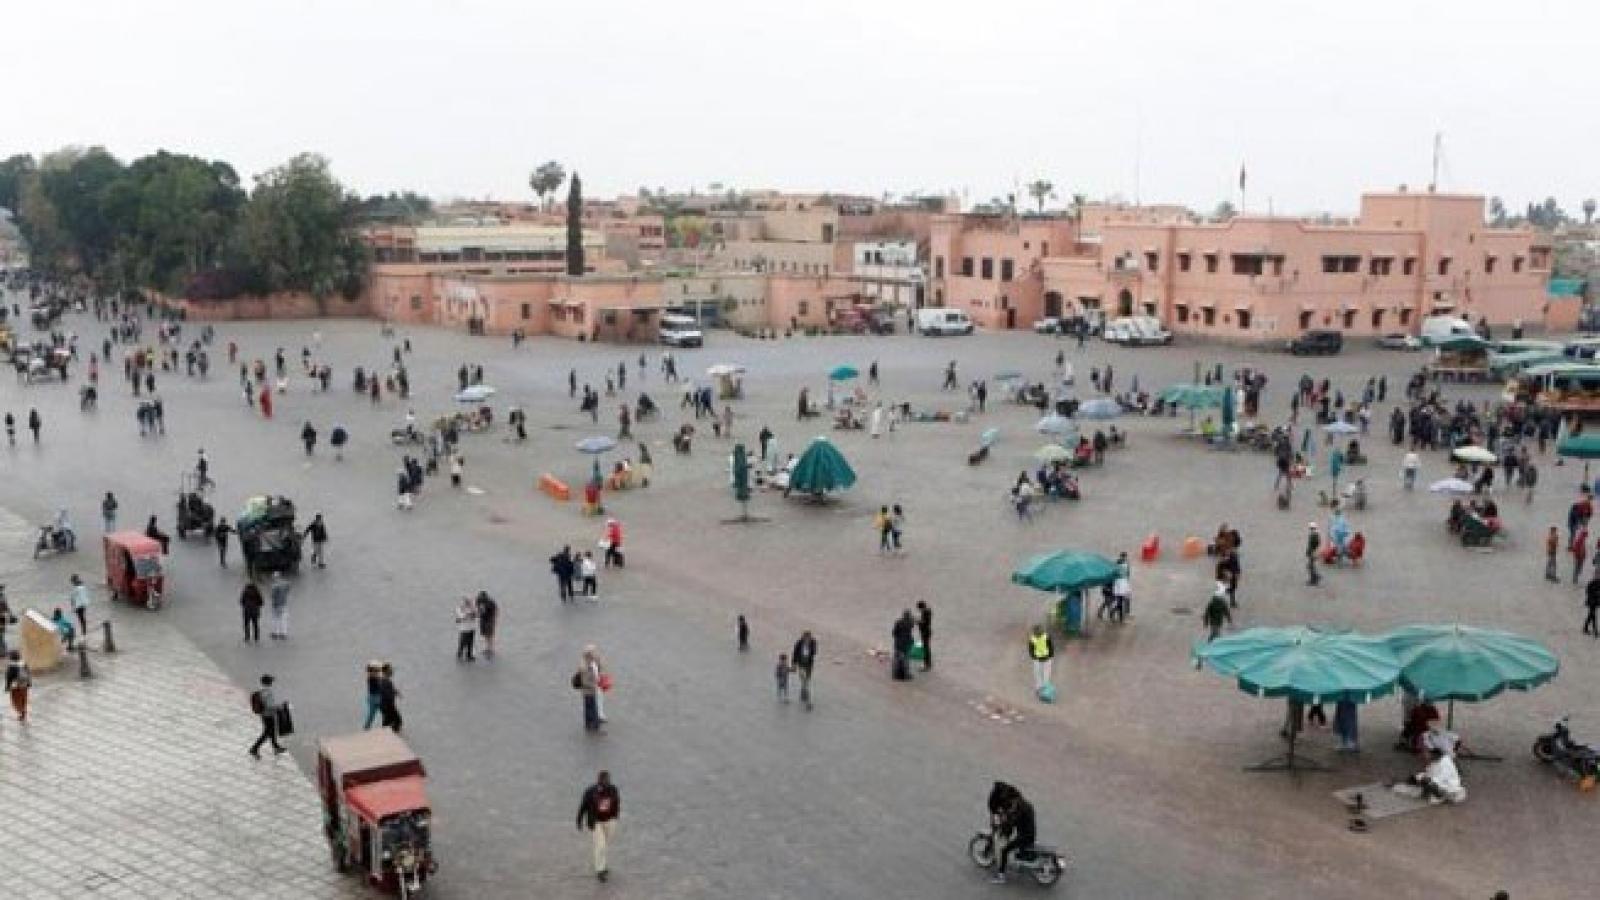 Chống Covid-19: Morocco phạt tù người không đeo khẩu trang nơi công cộng